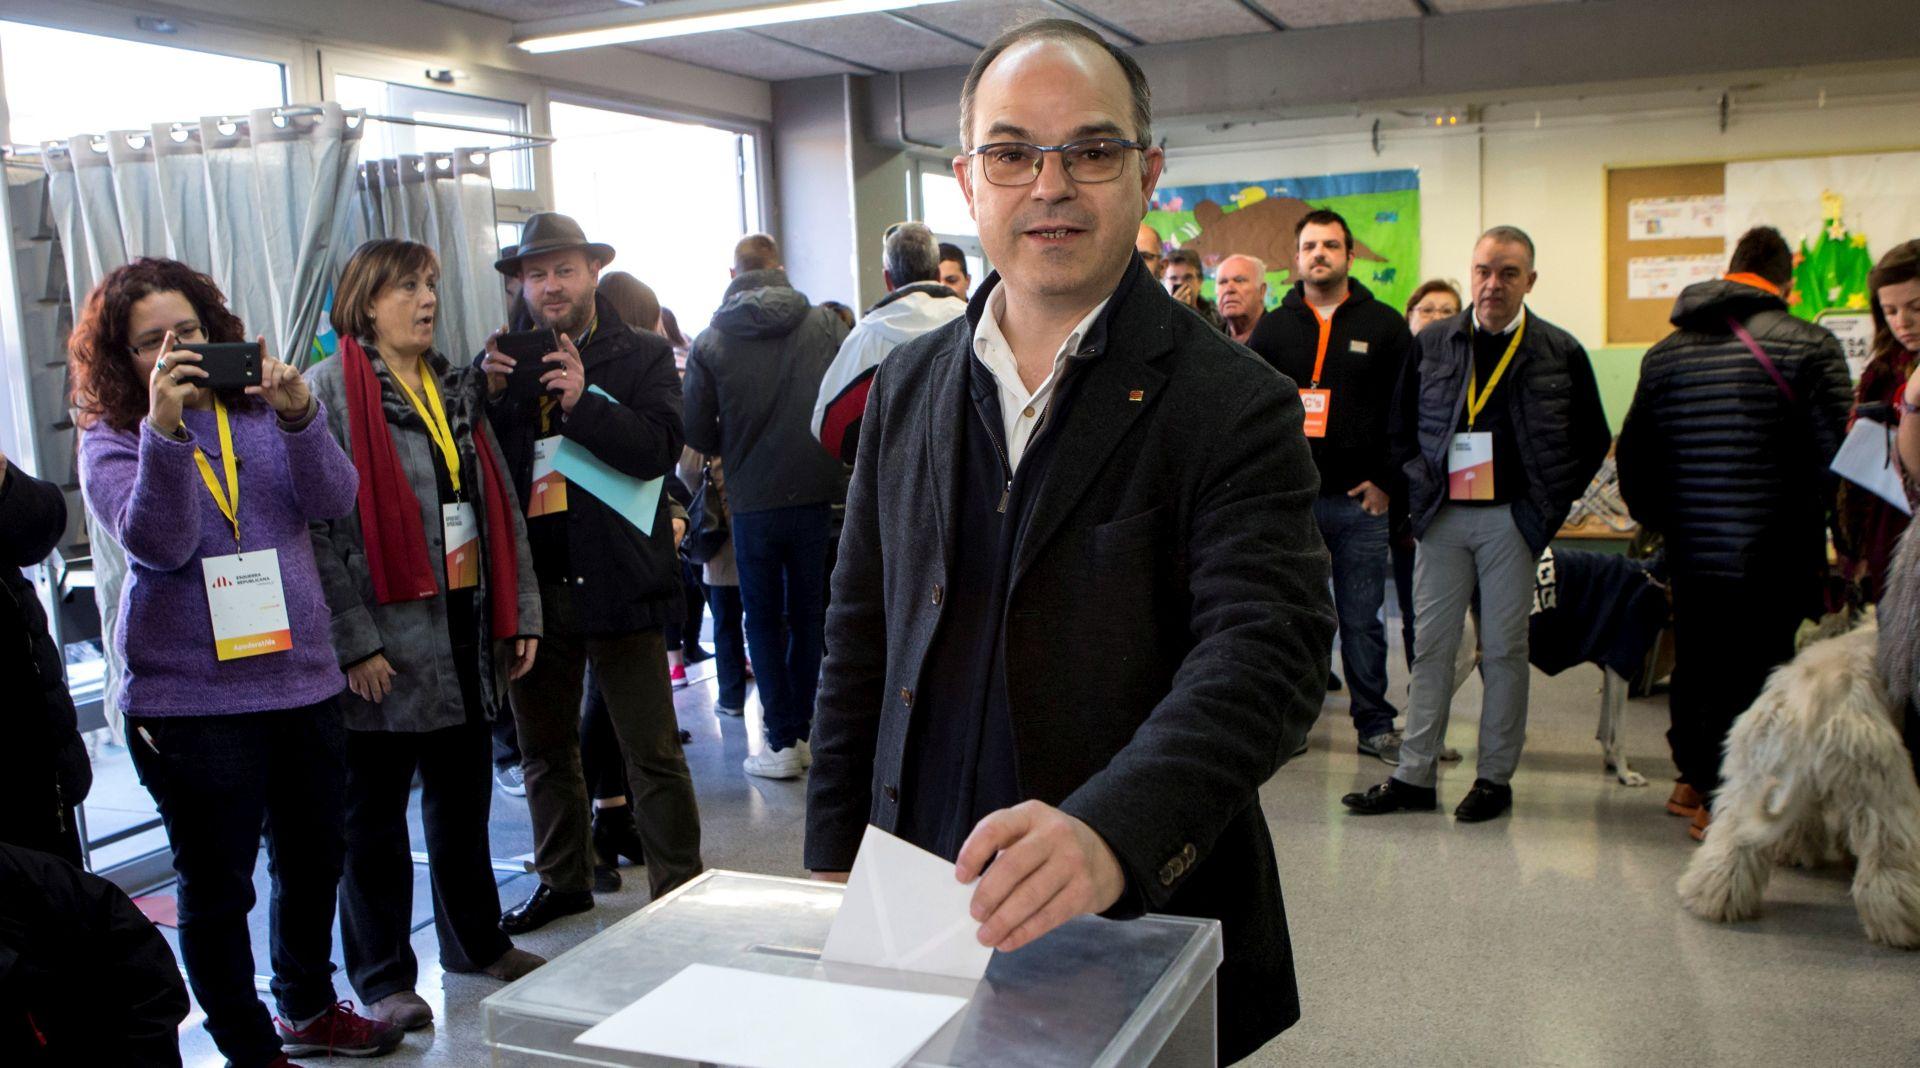 Katalonci idu prema rekordnom odazivu na prijevremenim izborima